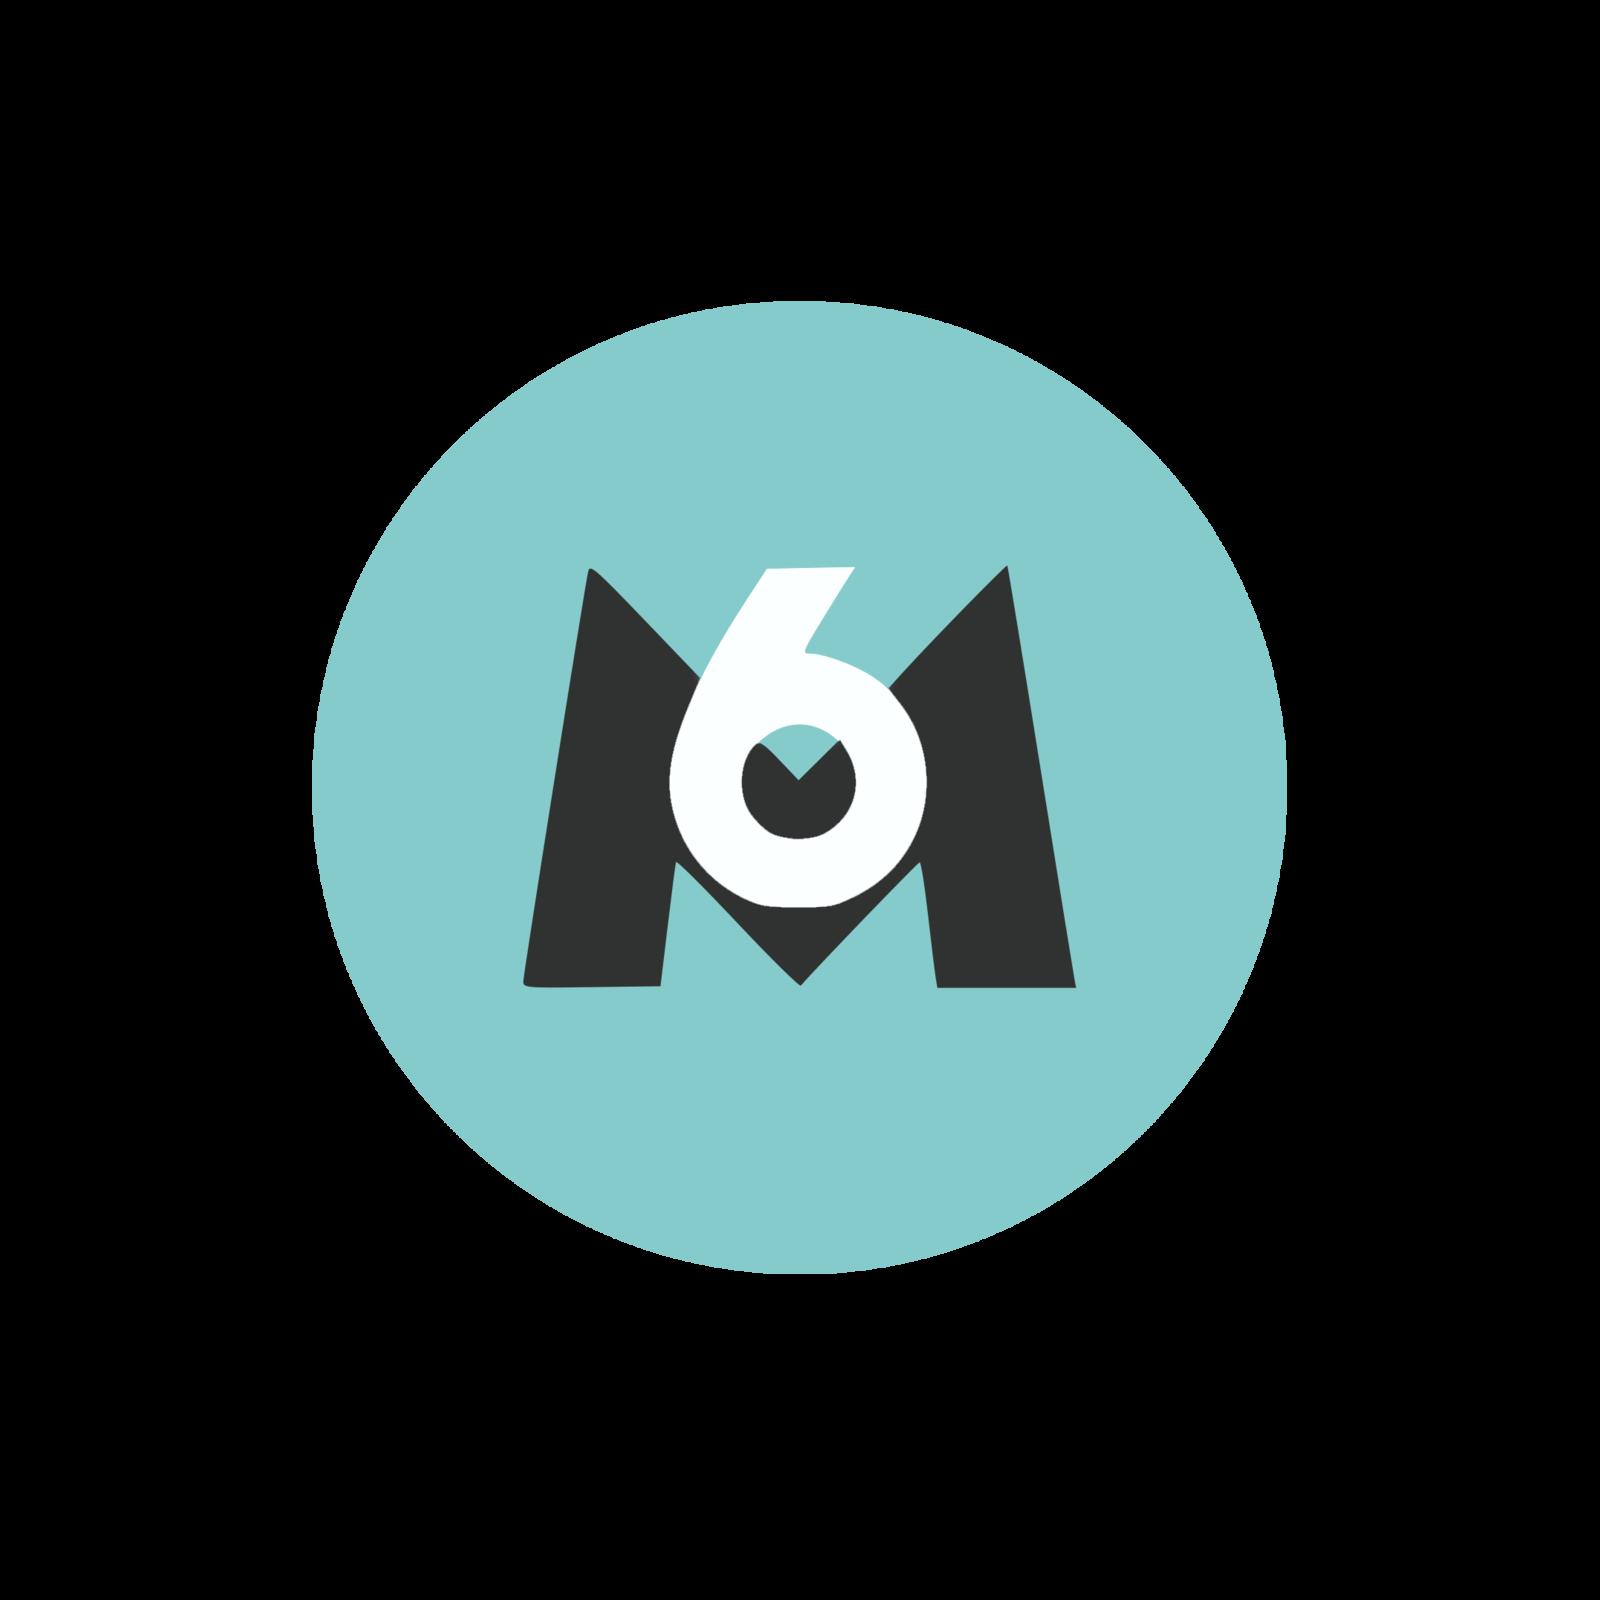 Le groupe M6 et Vidéofutur signent un nouvel accord de distribution global.